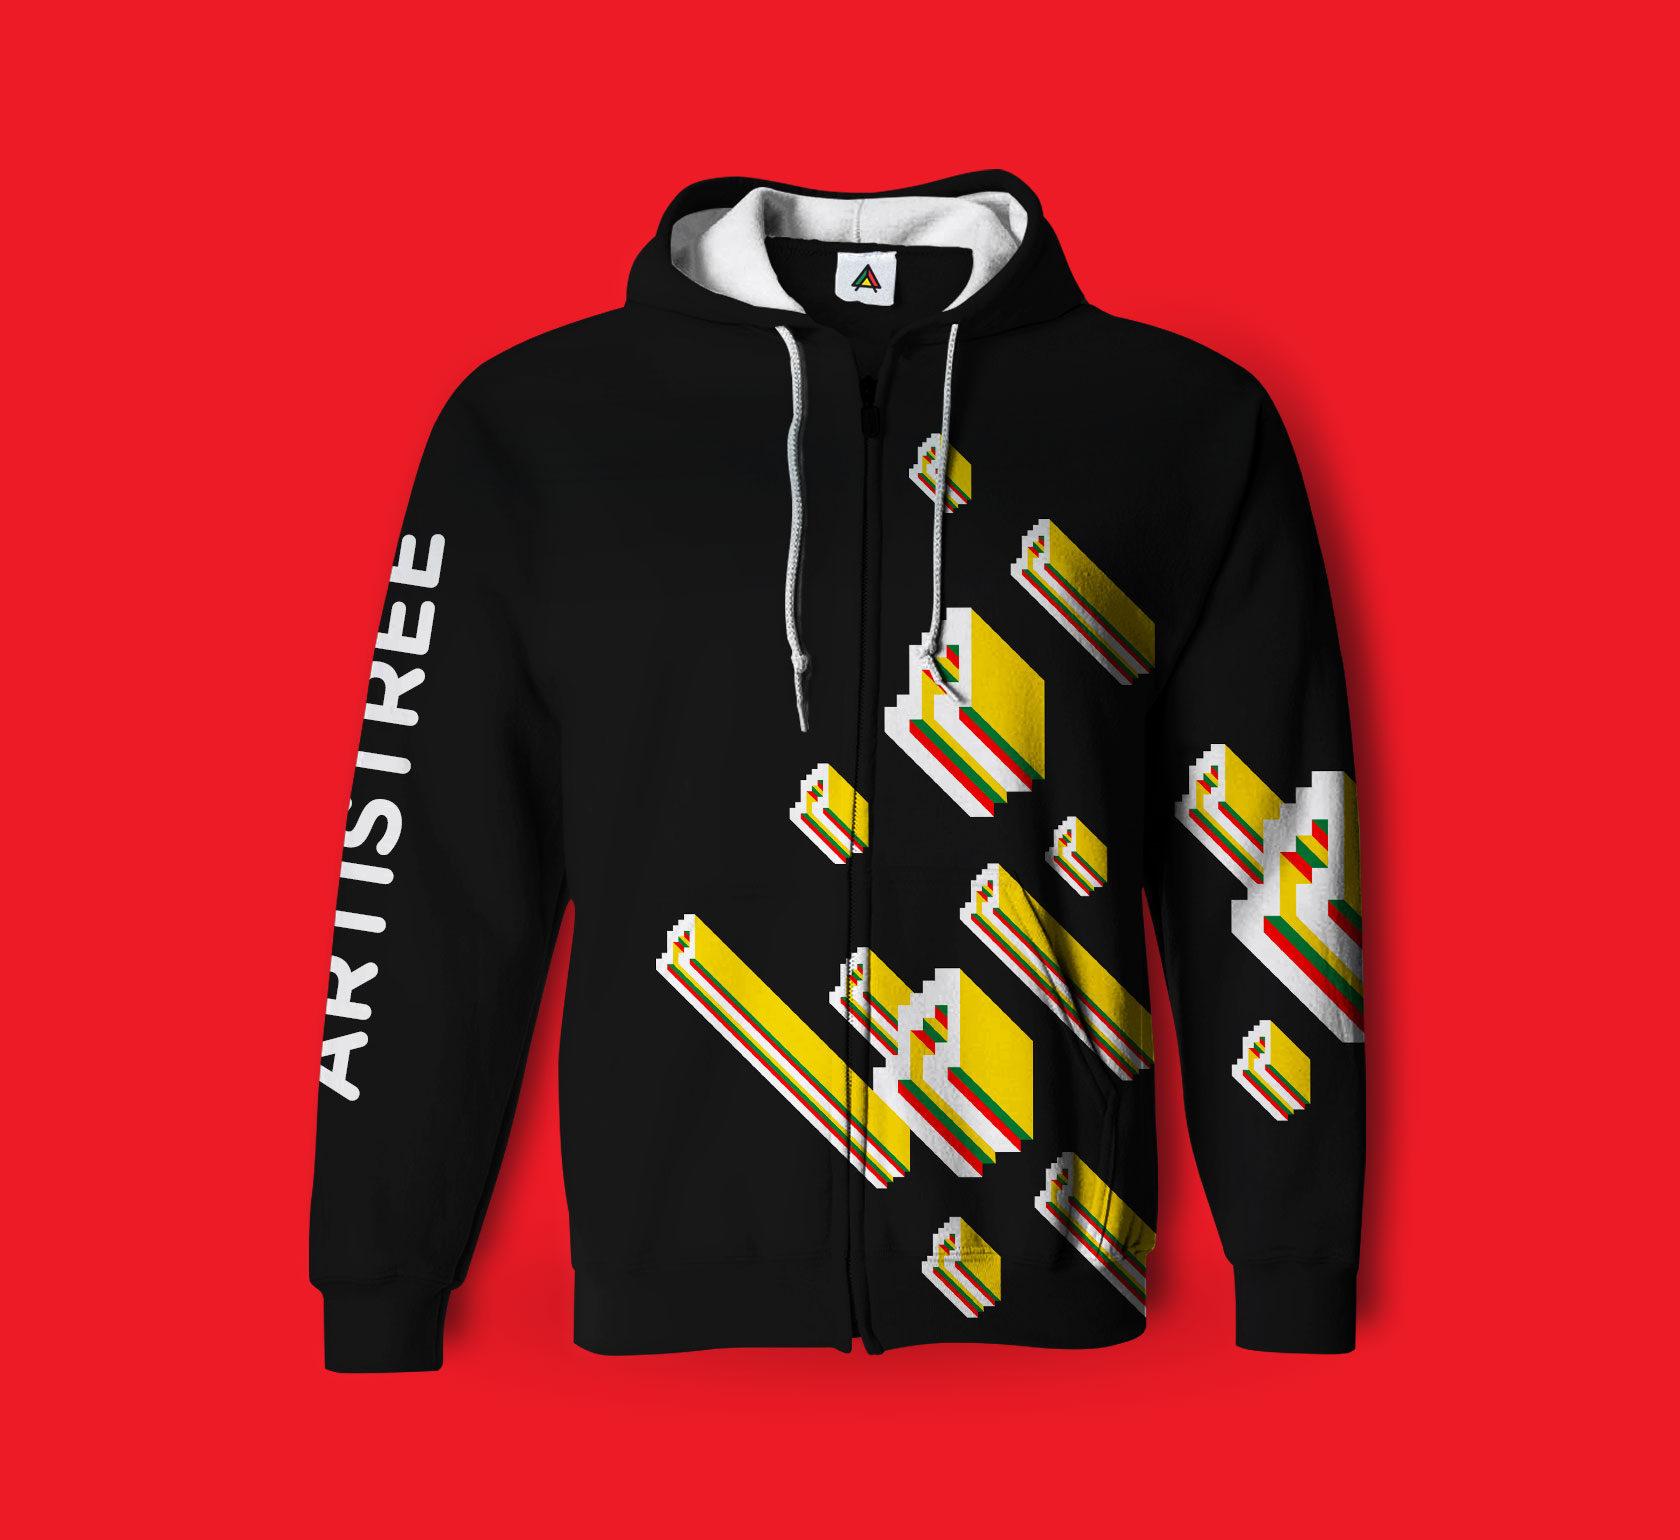 Artistree-hoodie-design-by-Furia